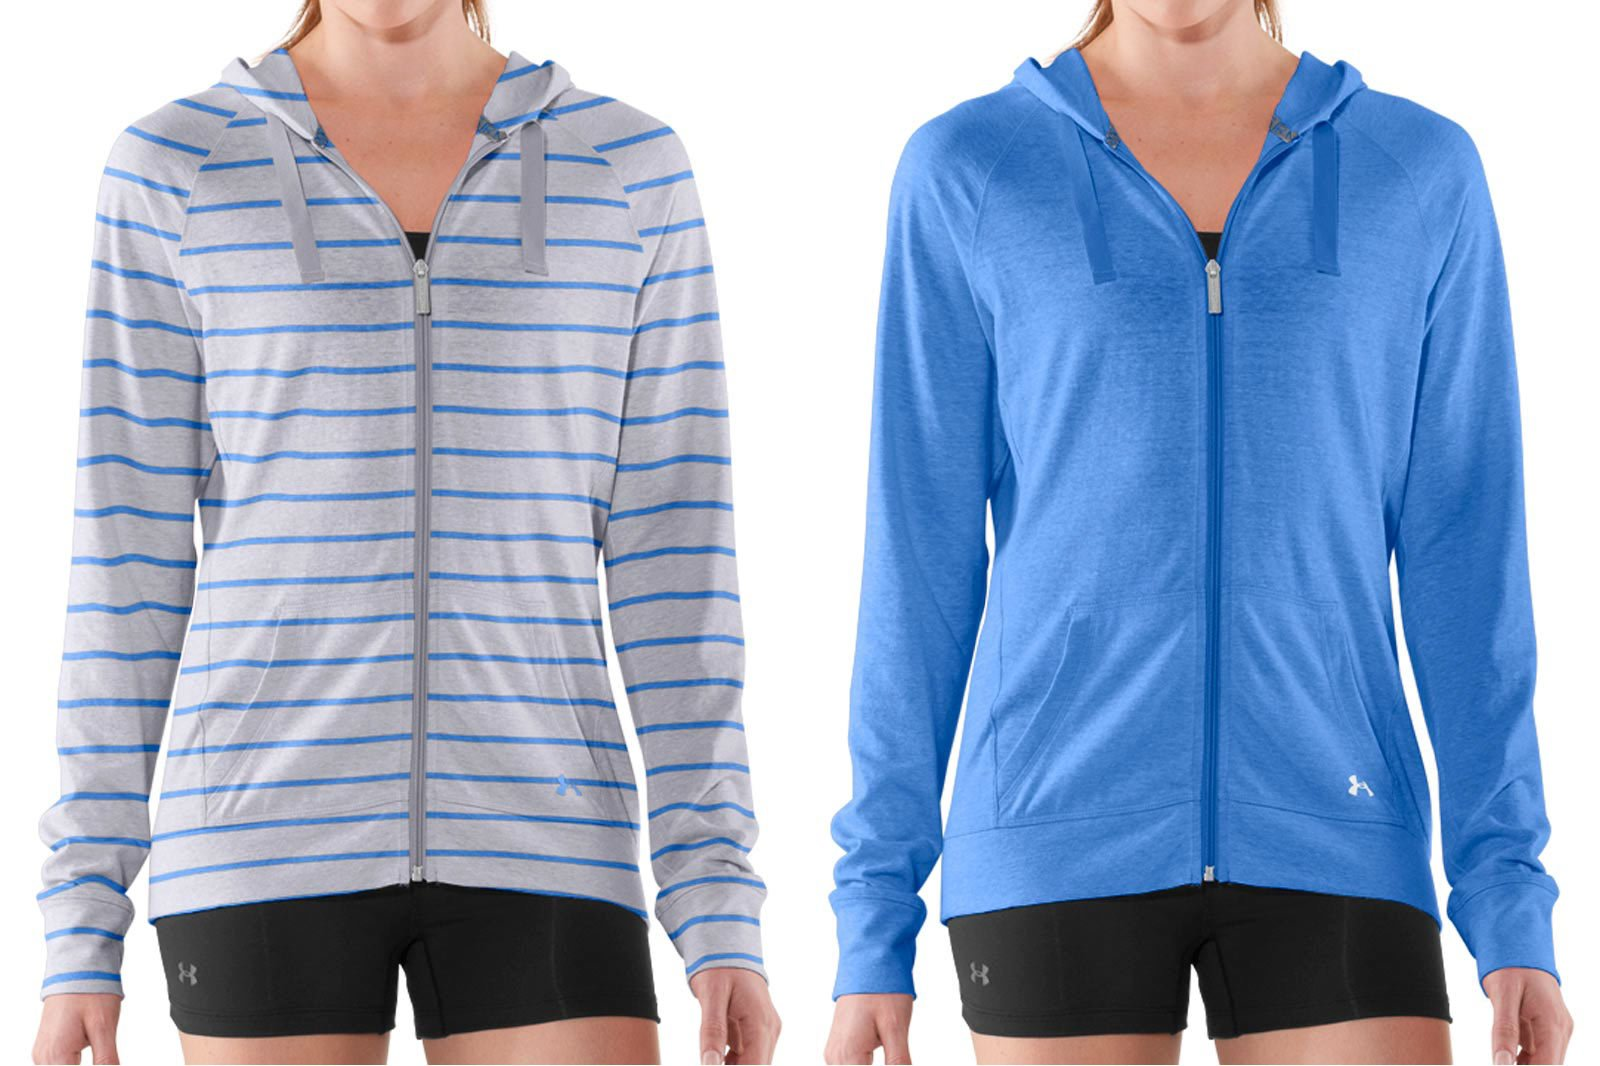 Colorways example - women wearing blue hoodies alternate